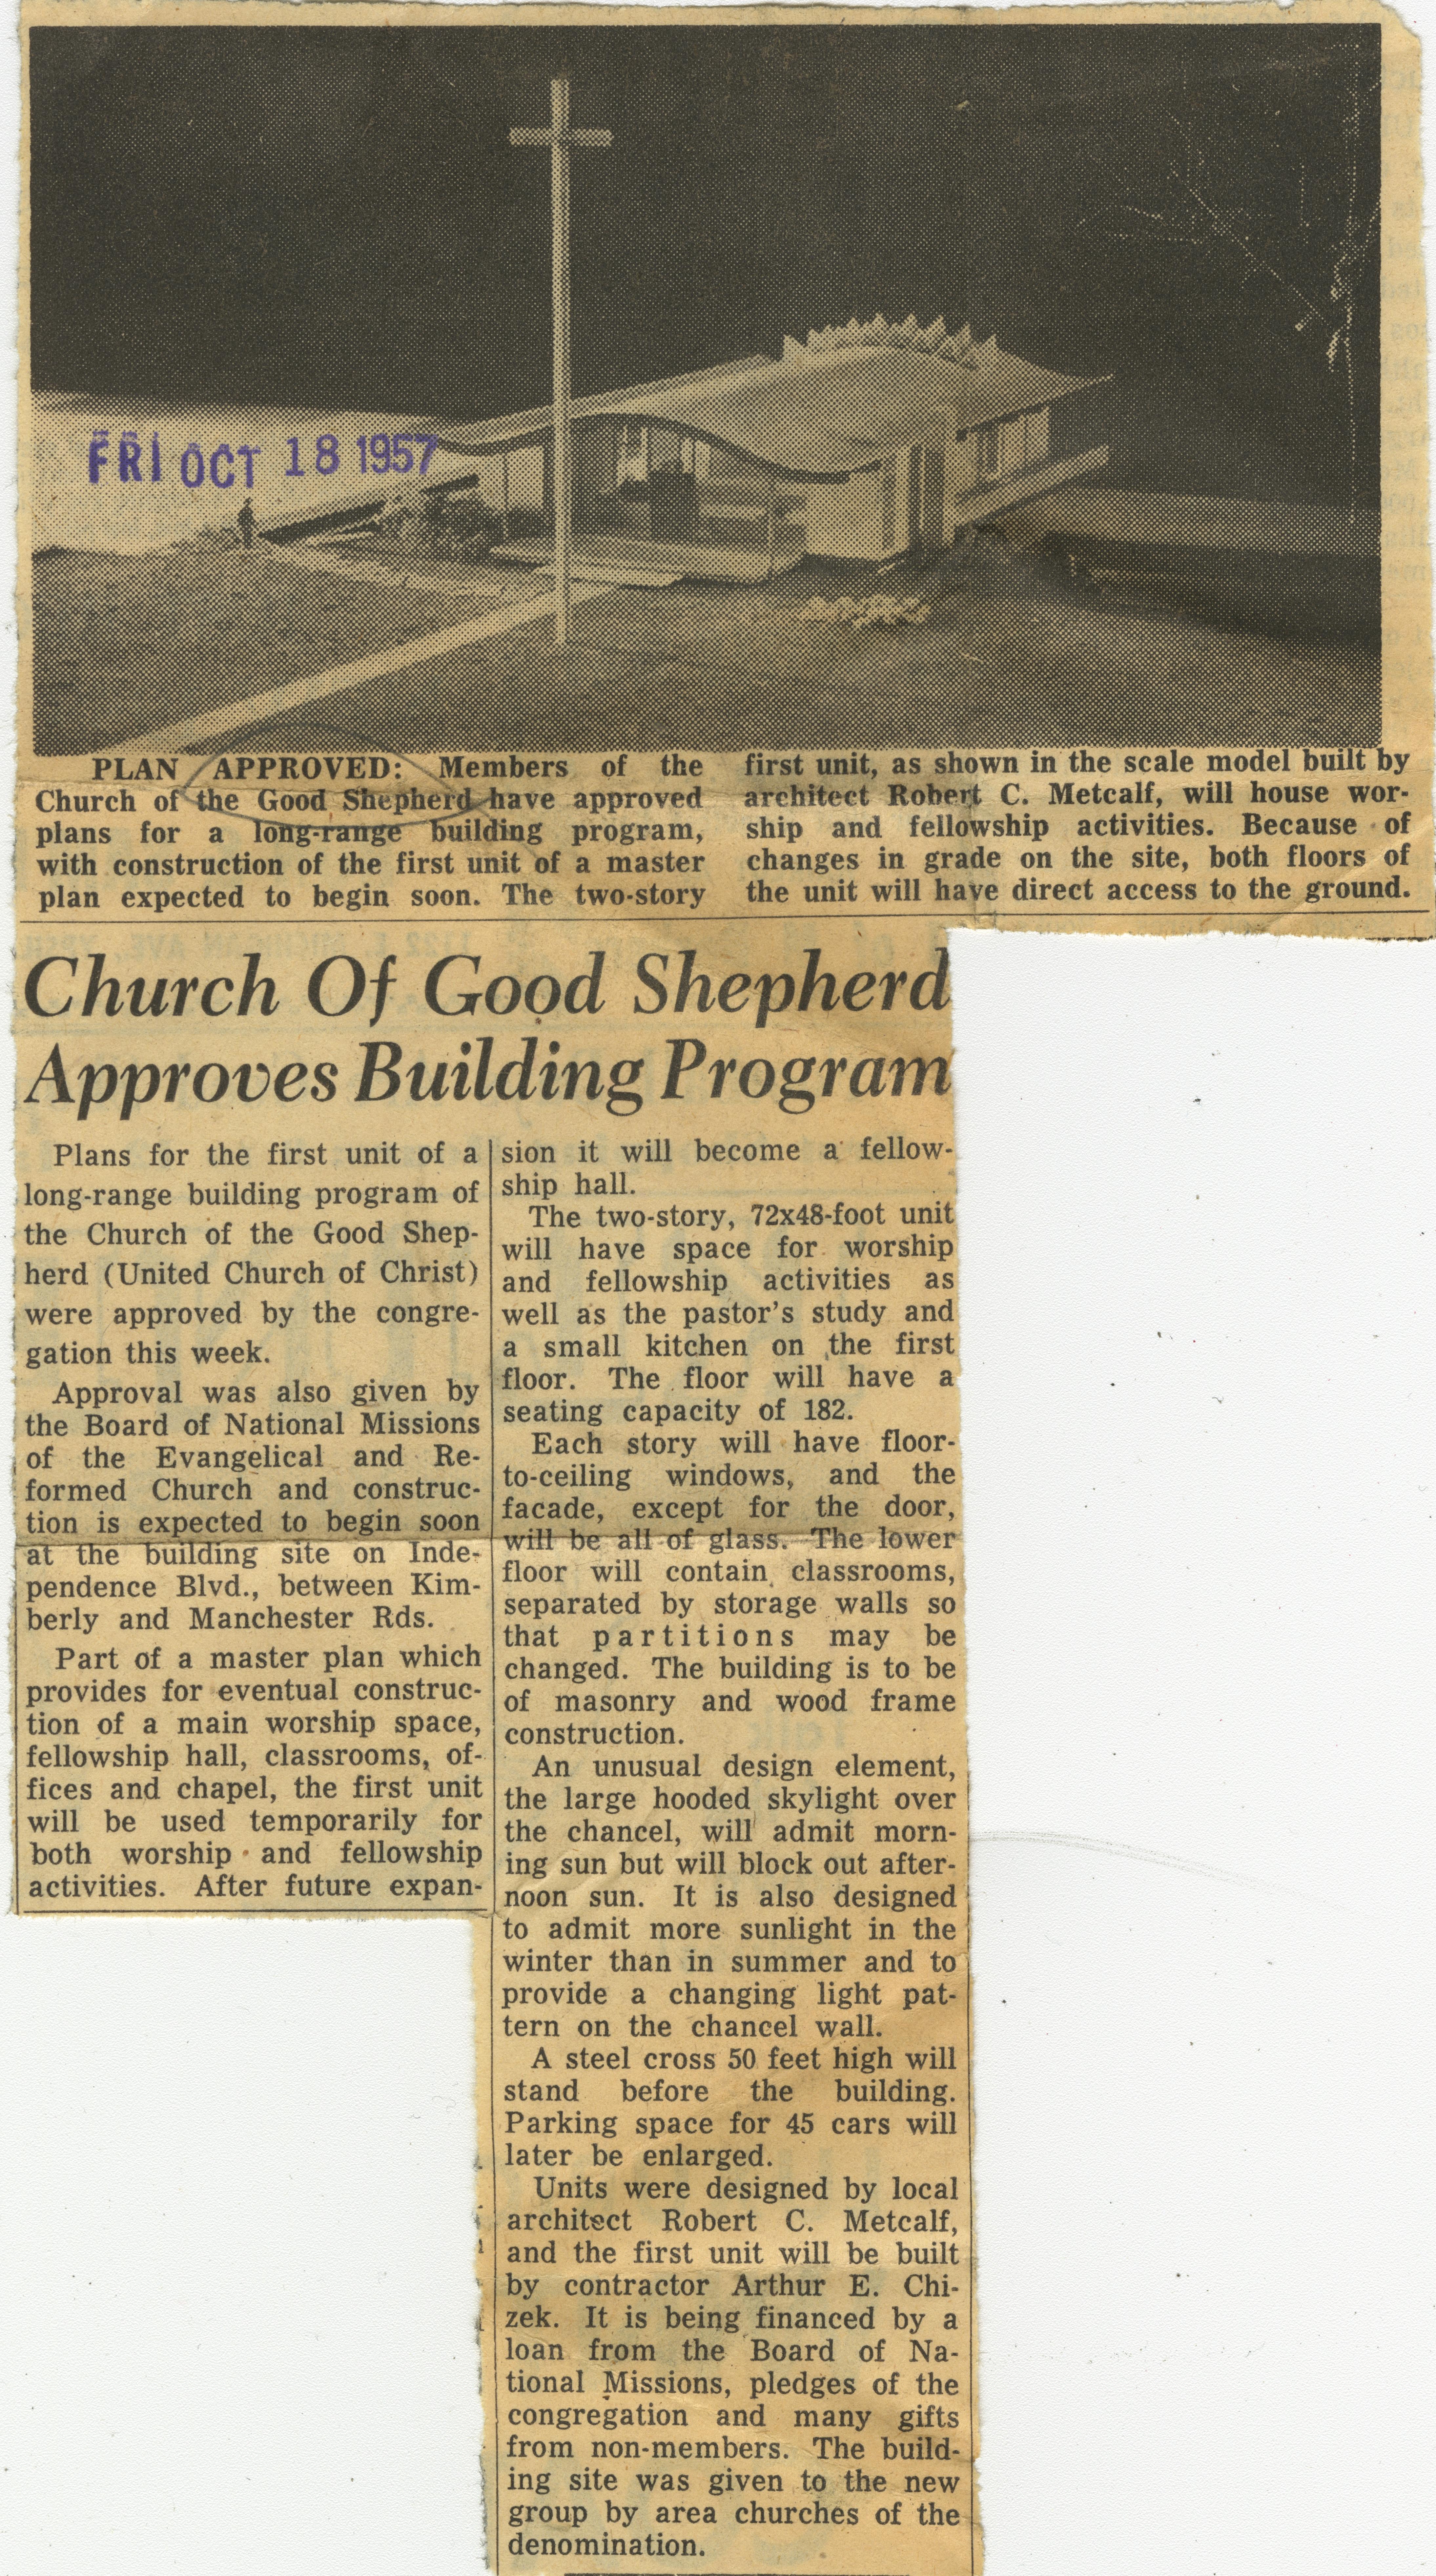 church of good shepherd approved building program ann arbor